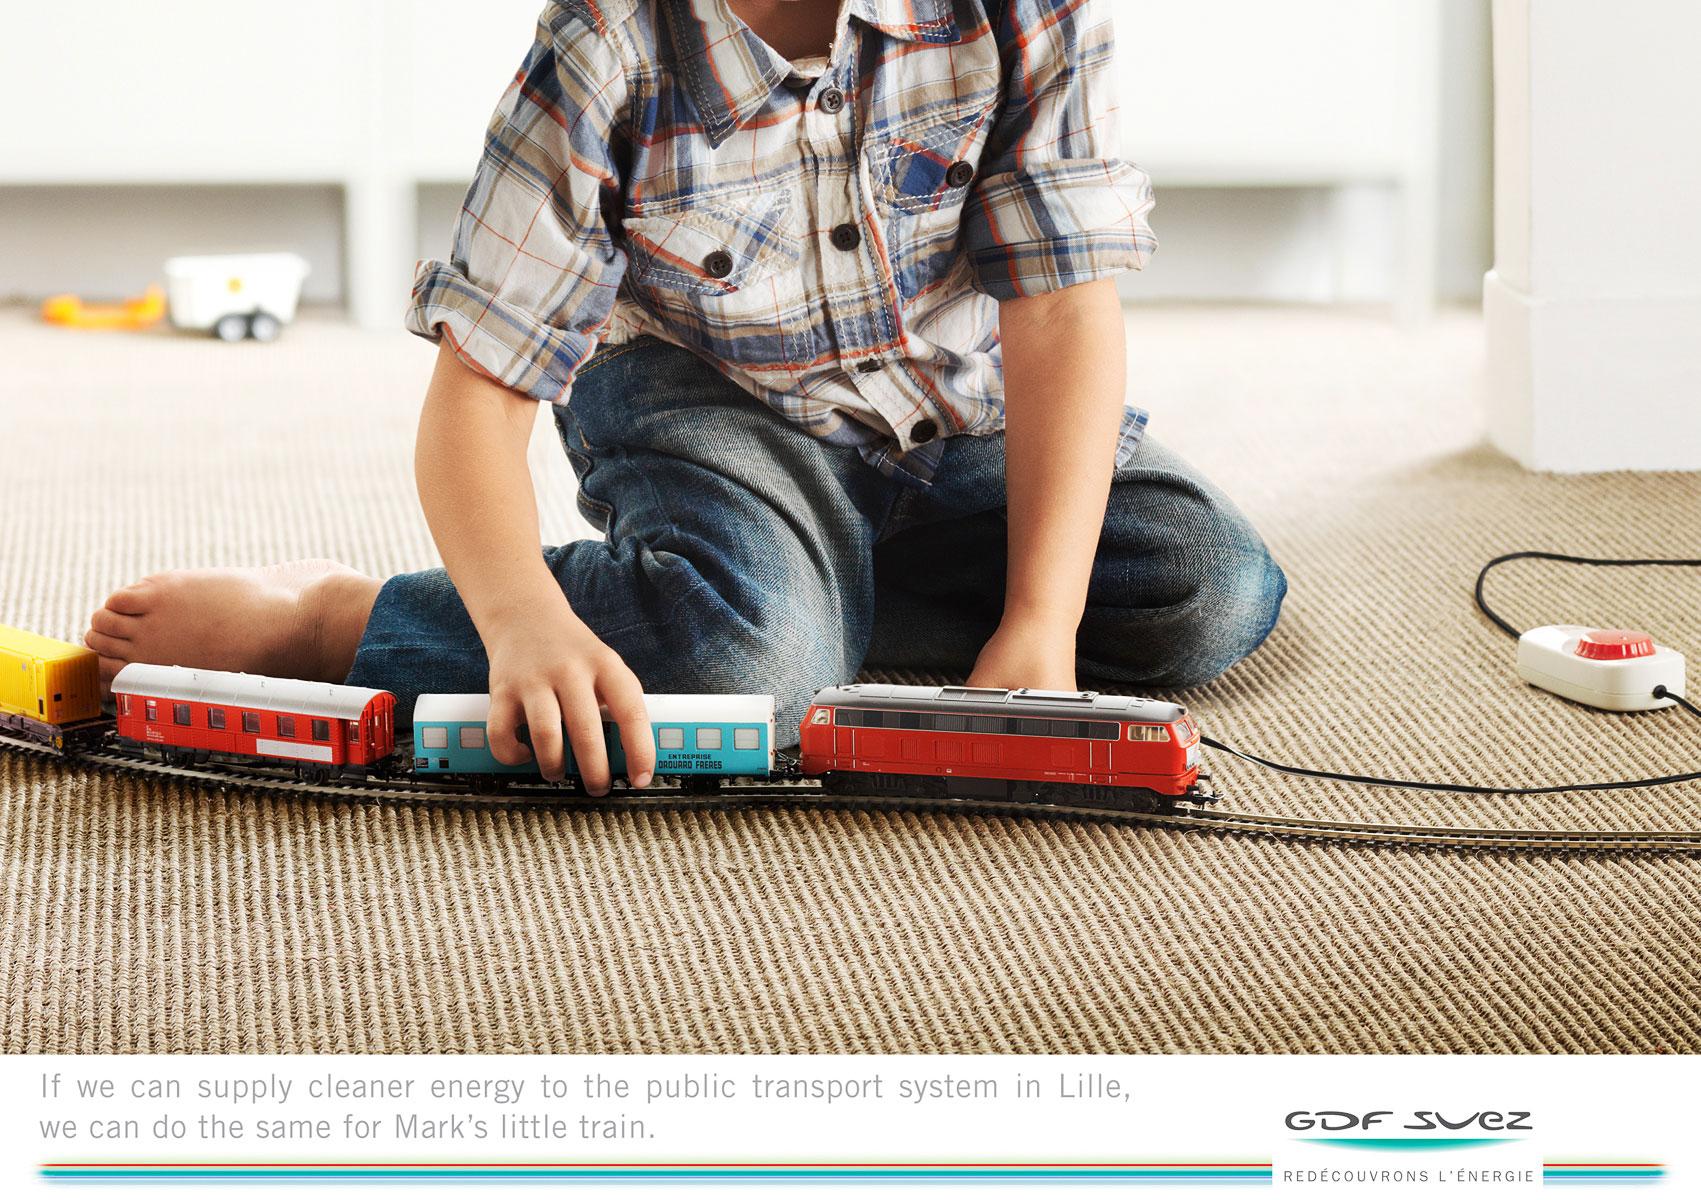 gdf_train01.jpg